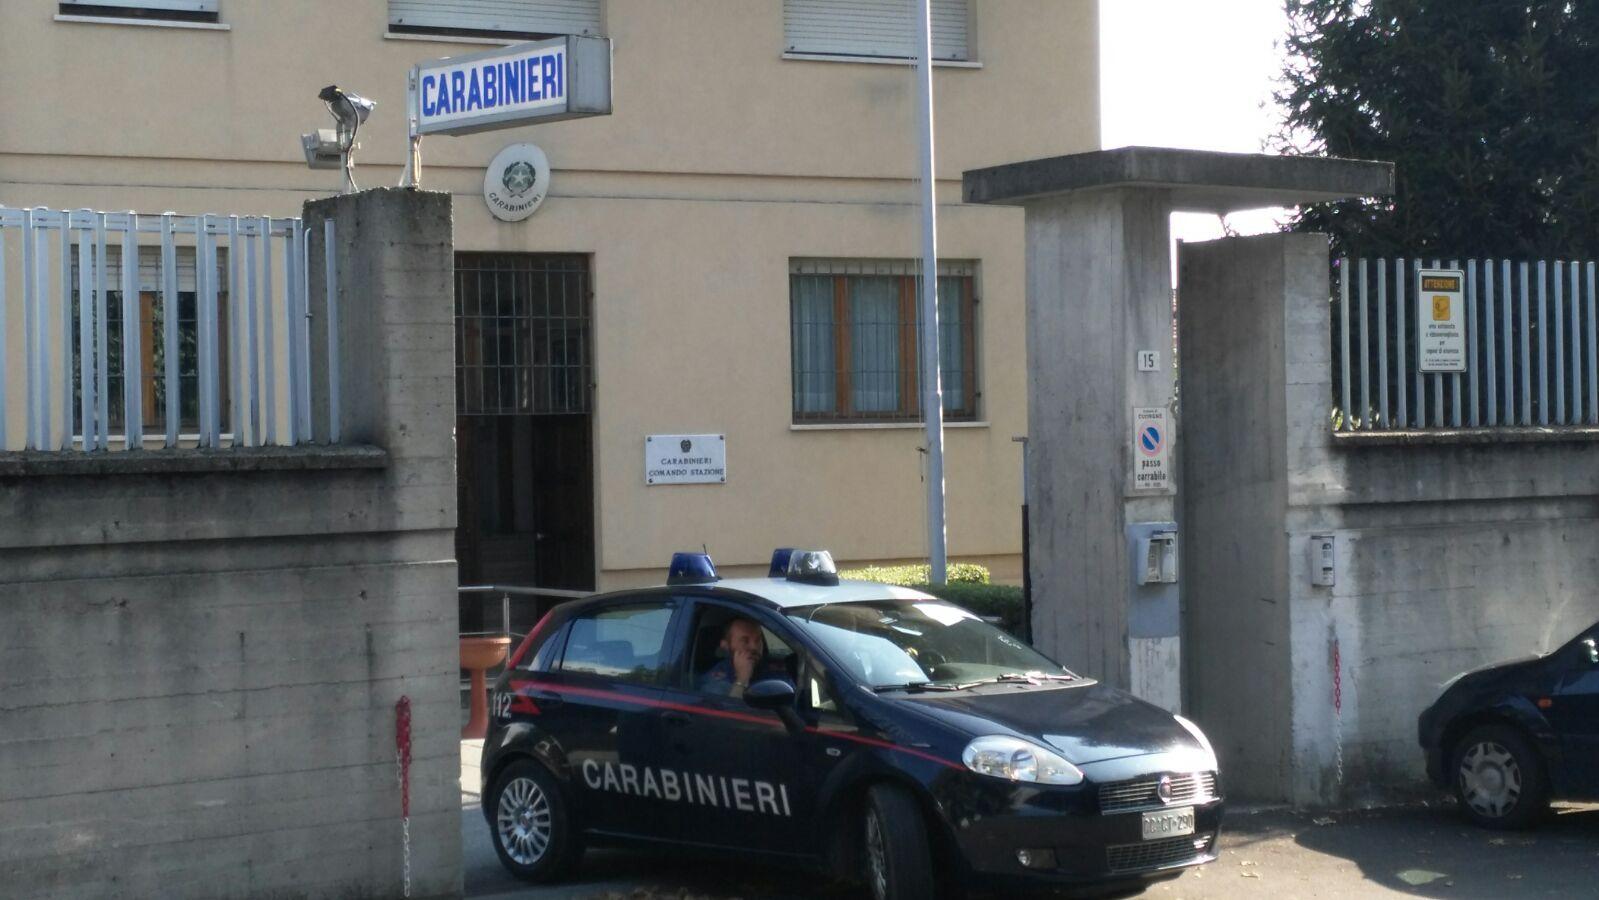 IVREA - 25enne arrestato per spaccio dai carabinieri di Cuorgnè nel quartiere Bellavista